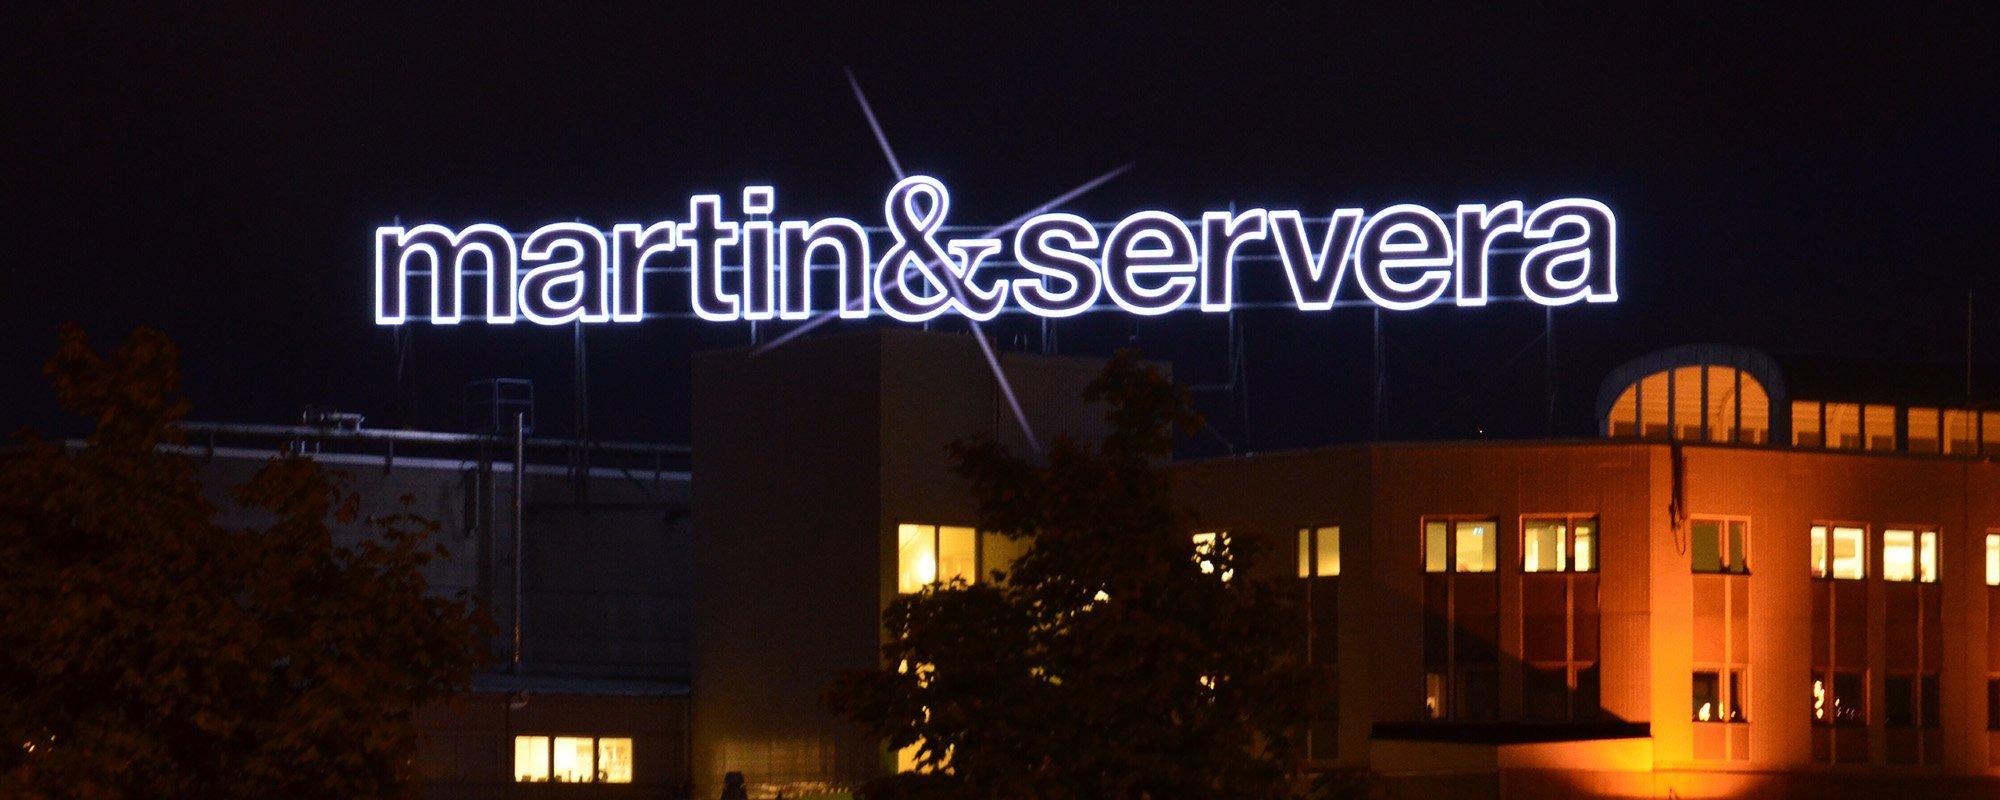 Martinservera takskylt av FocusNeo i Stockholm